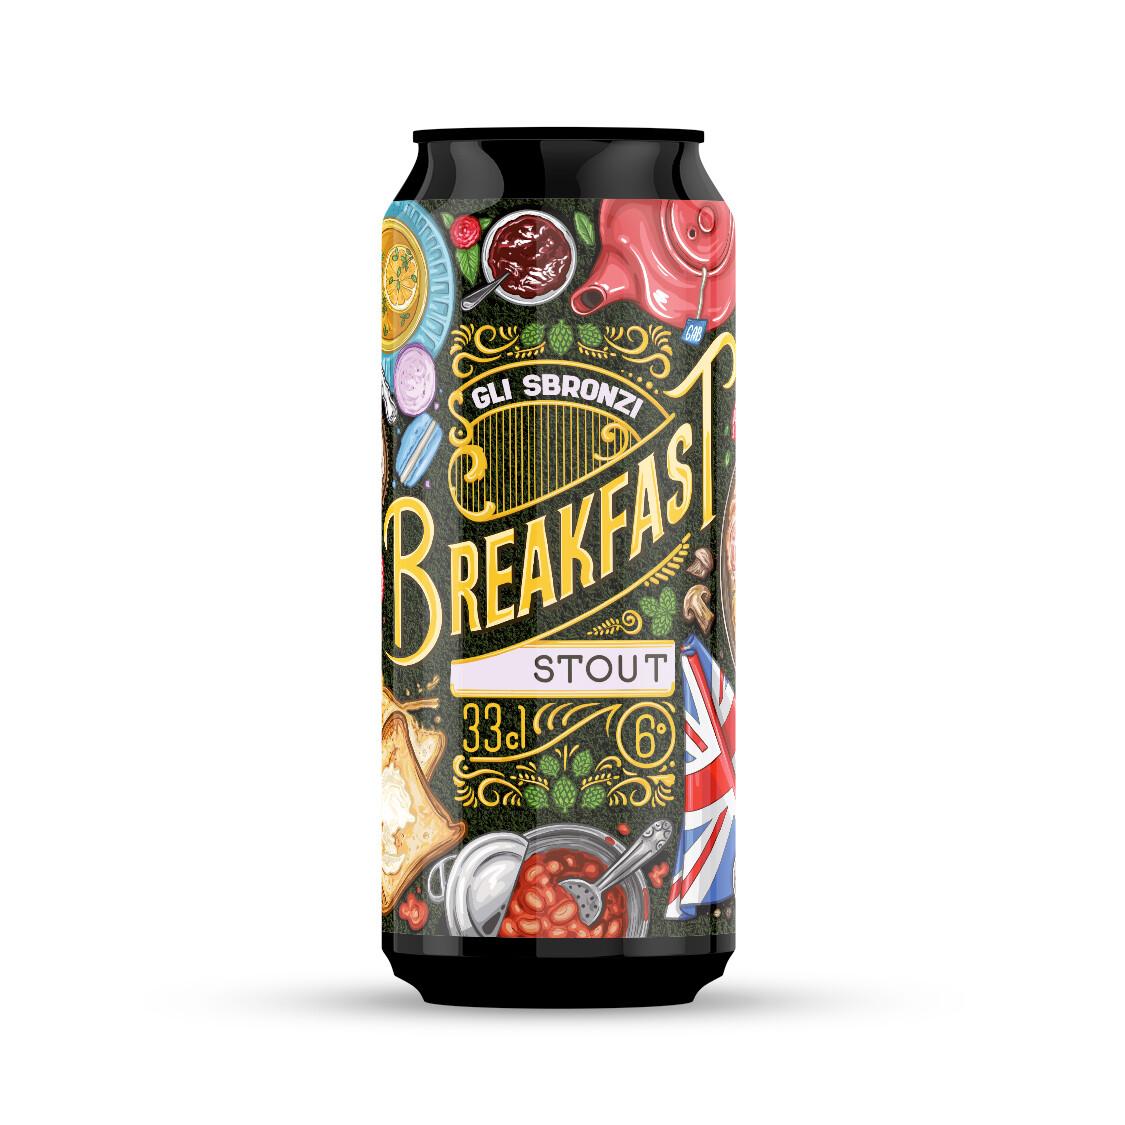 Breakfast - Stout